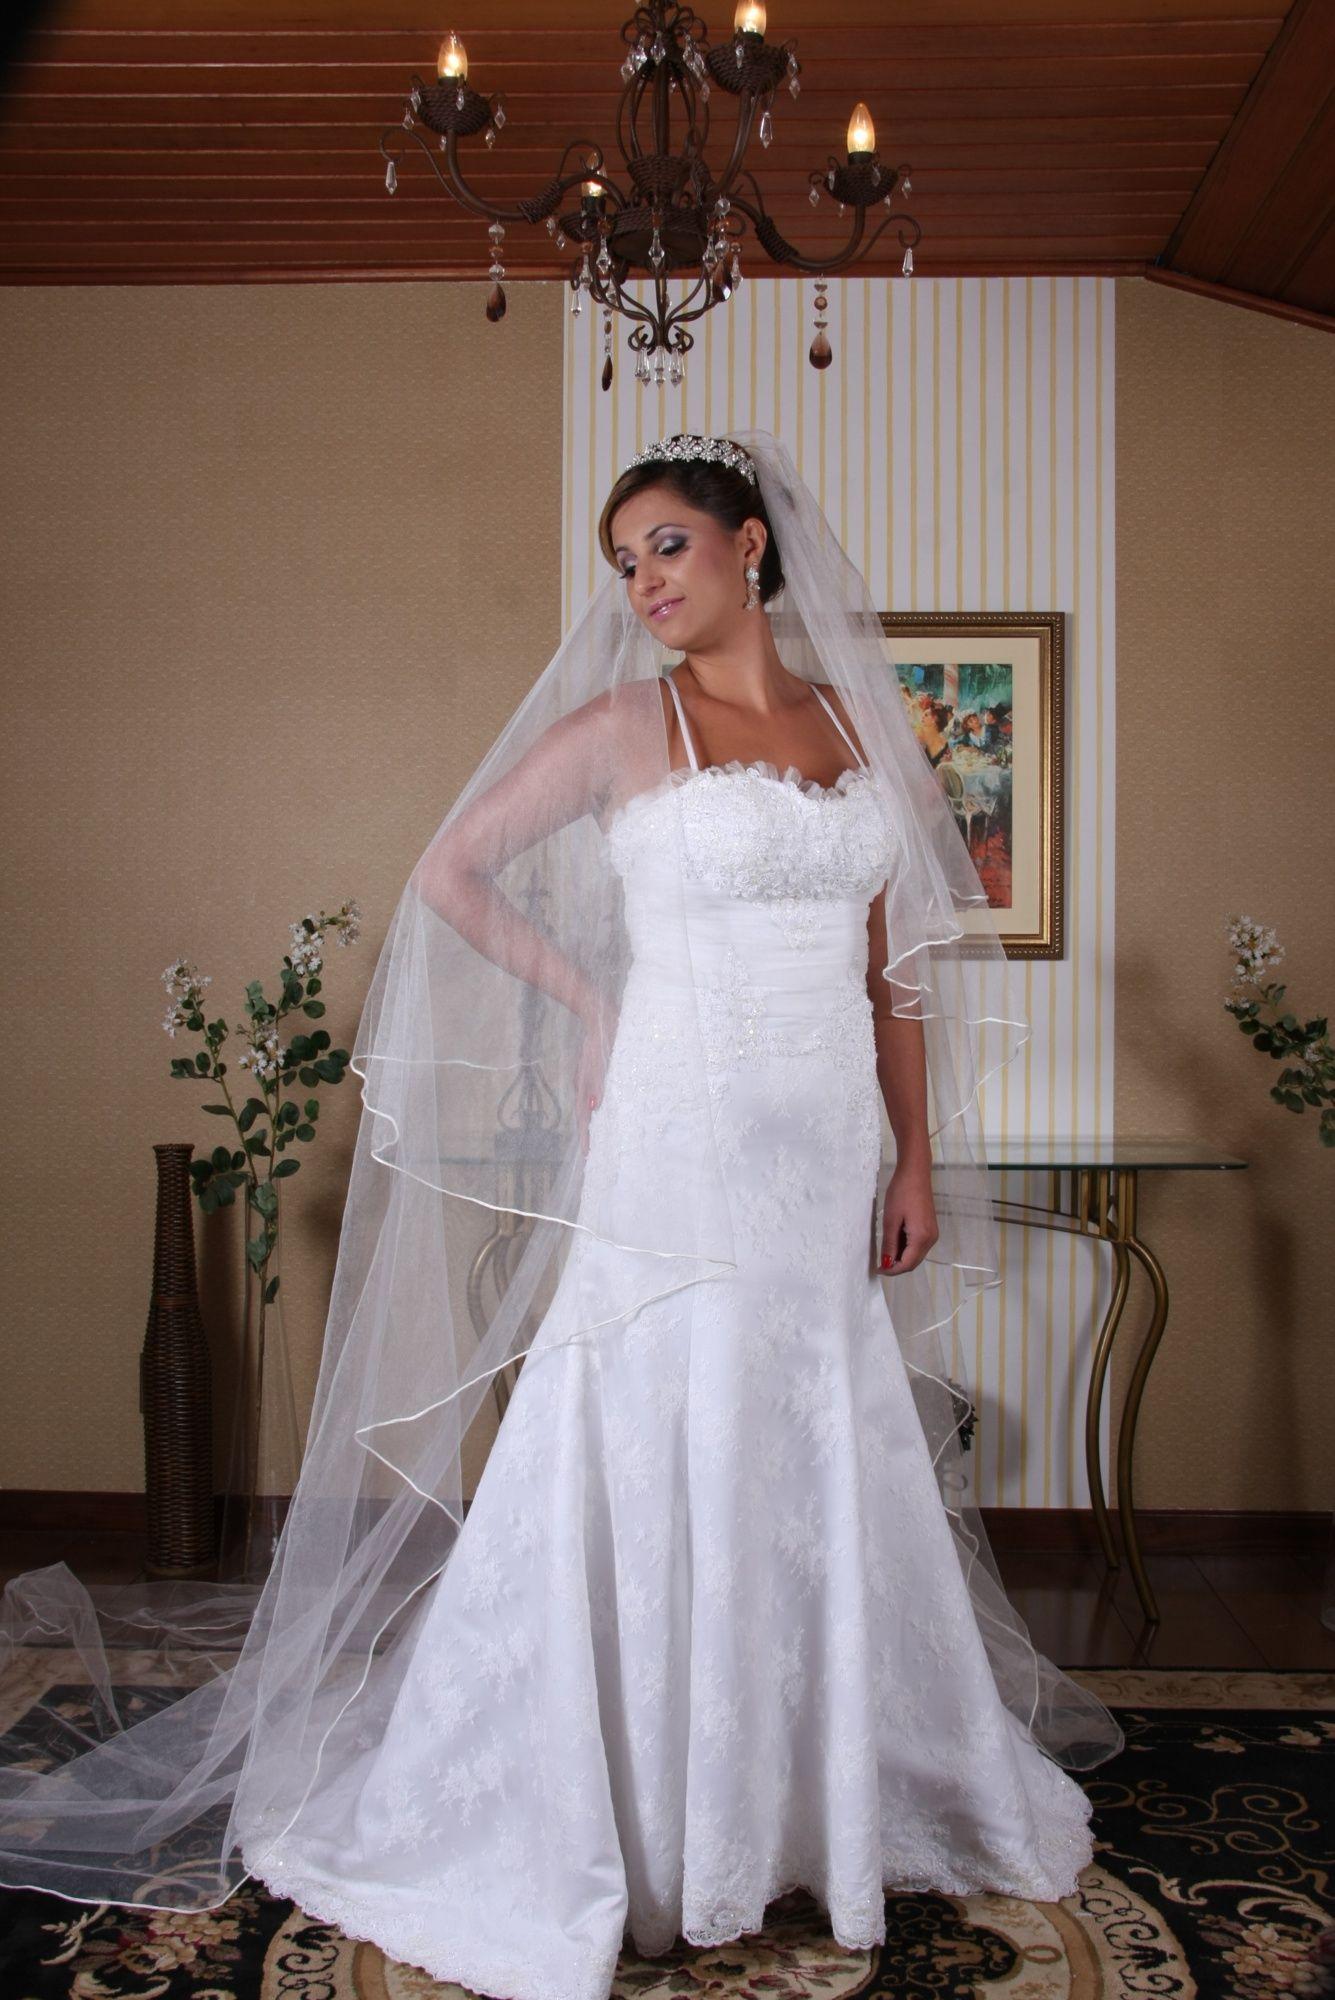 Vestido de Noiva Semi Sereia - 10 - Hipnose Alta Costura e Spa para Noivas e Noivos - Campinas - SP Vestido de Noiva, Vestido de Noiva Semi Sereia, Hipnose Alta Costura